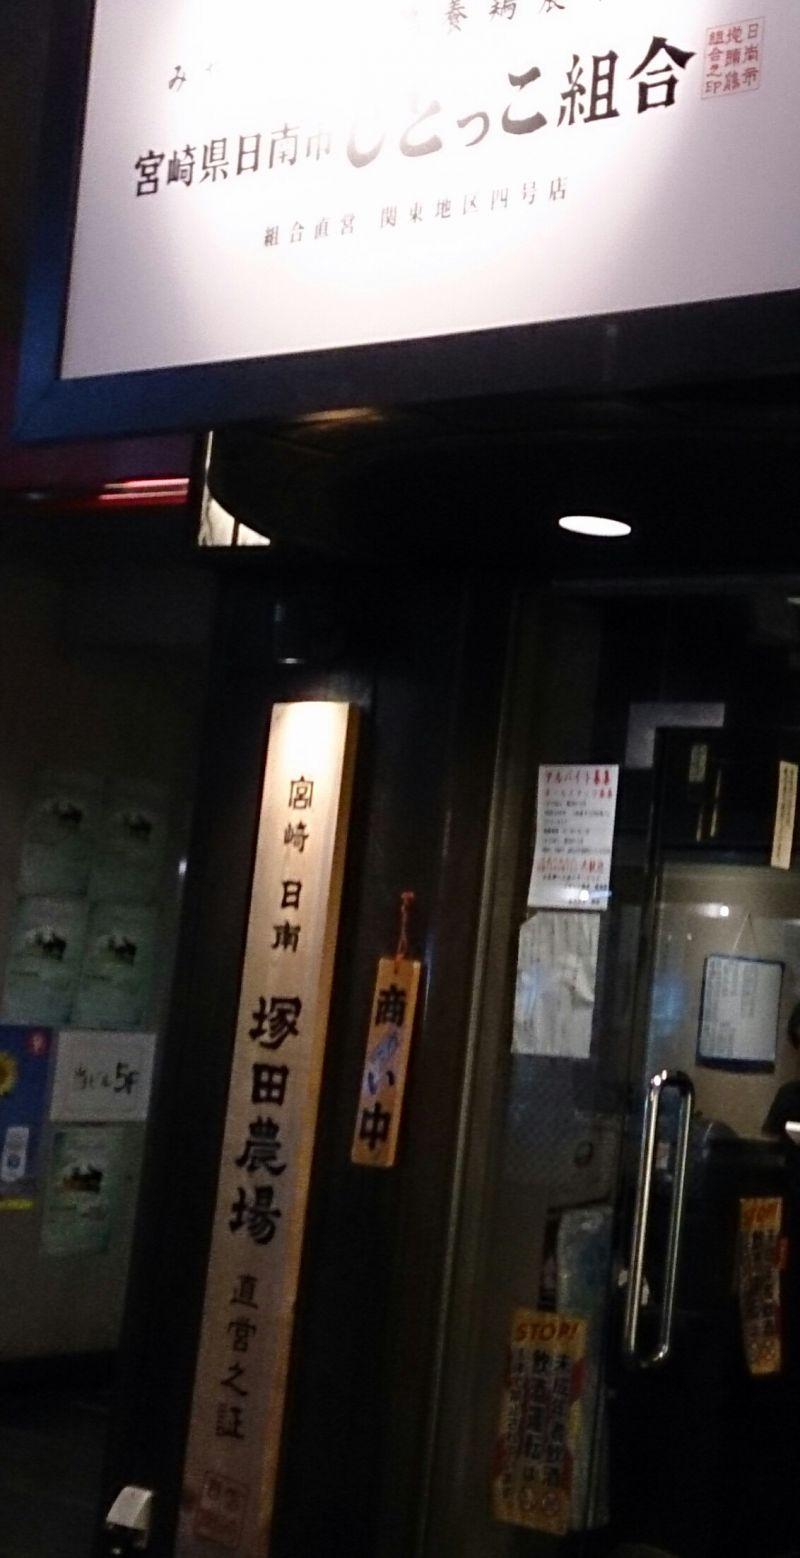 じとっこ組合 蒲田西口店